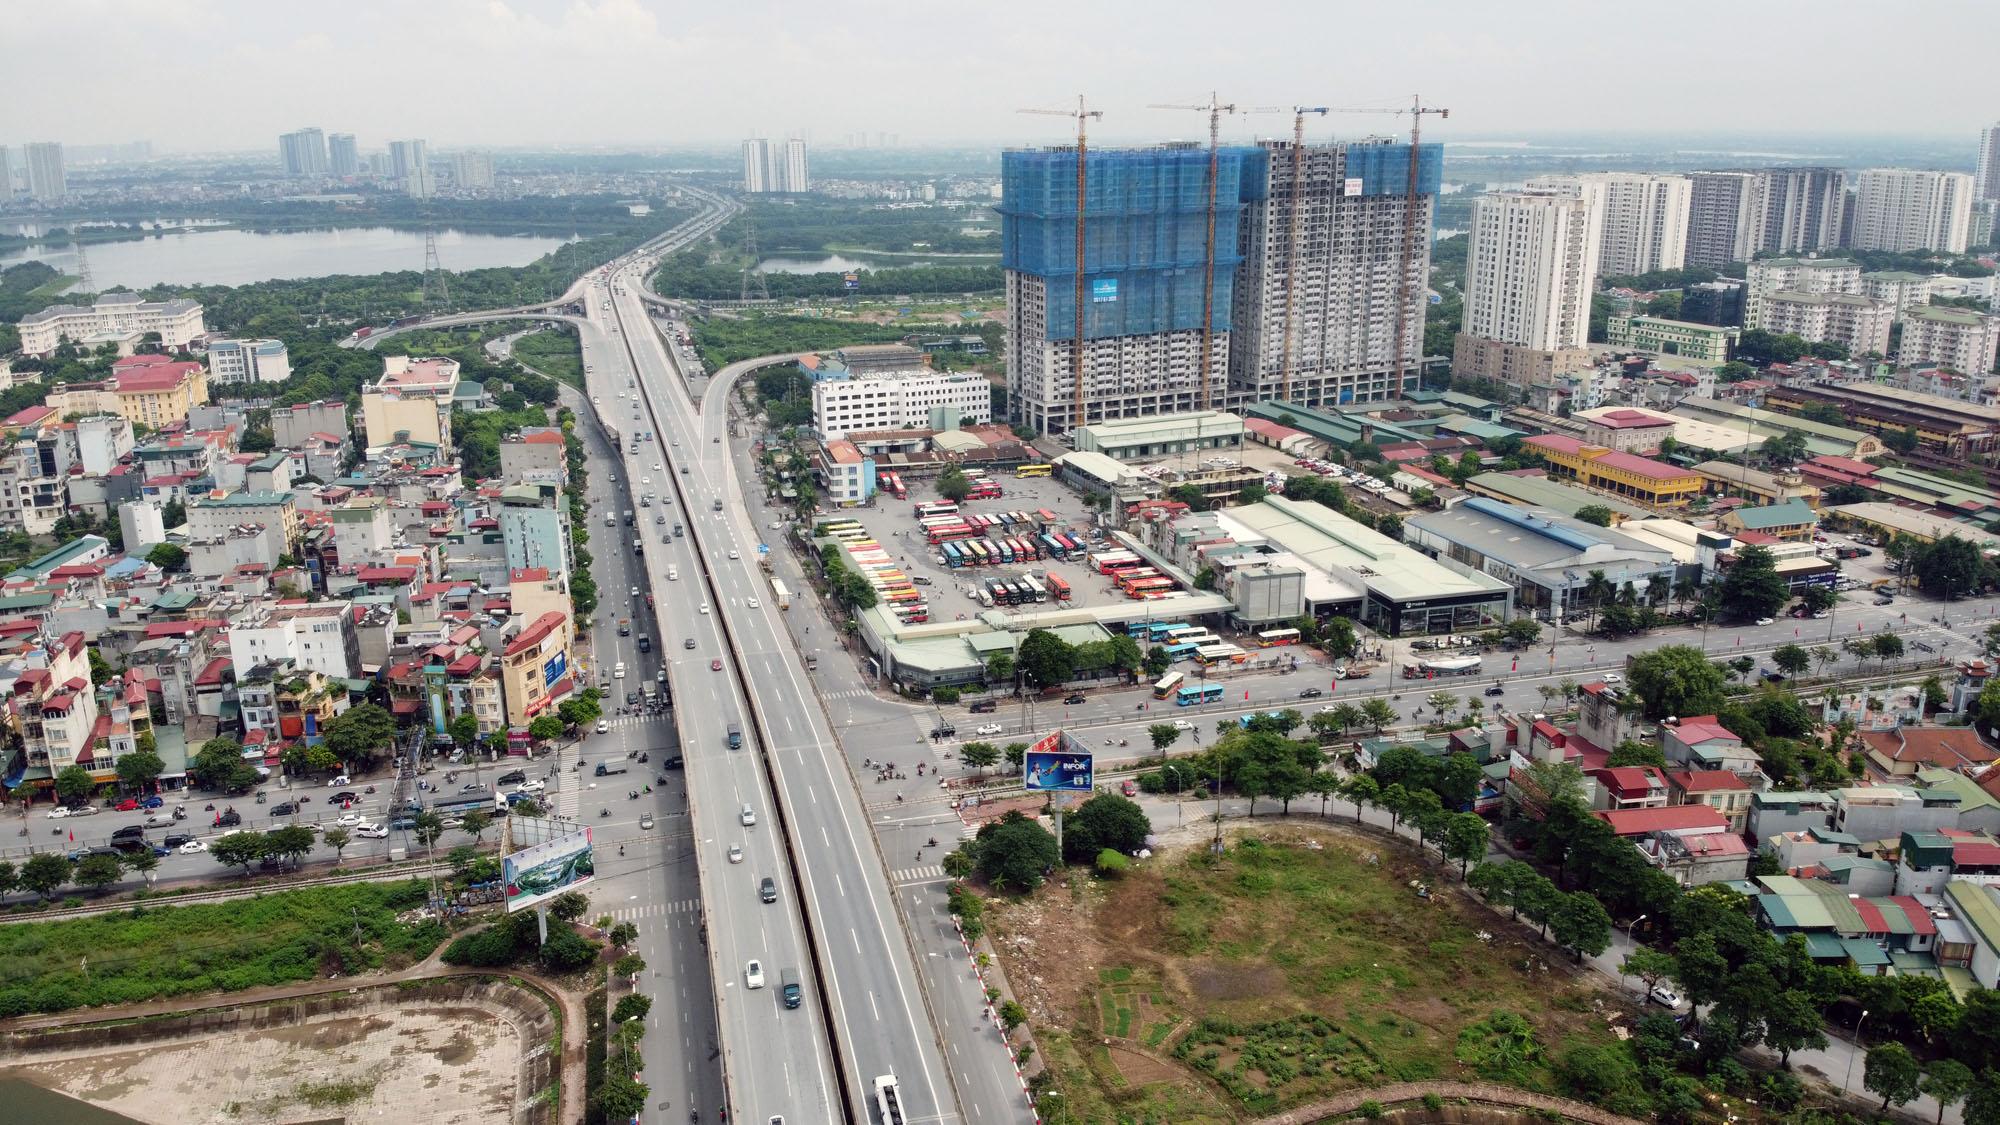 Dự án Phương Đông Green Park đang mở bán: Gần hai hồ điều hòa lớn, giá từ 26 triệu đồng/m2 - Ảnh 1.